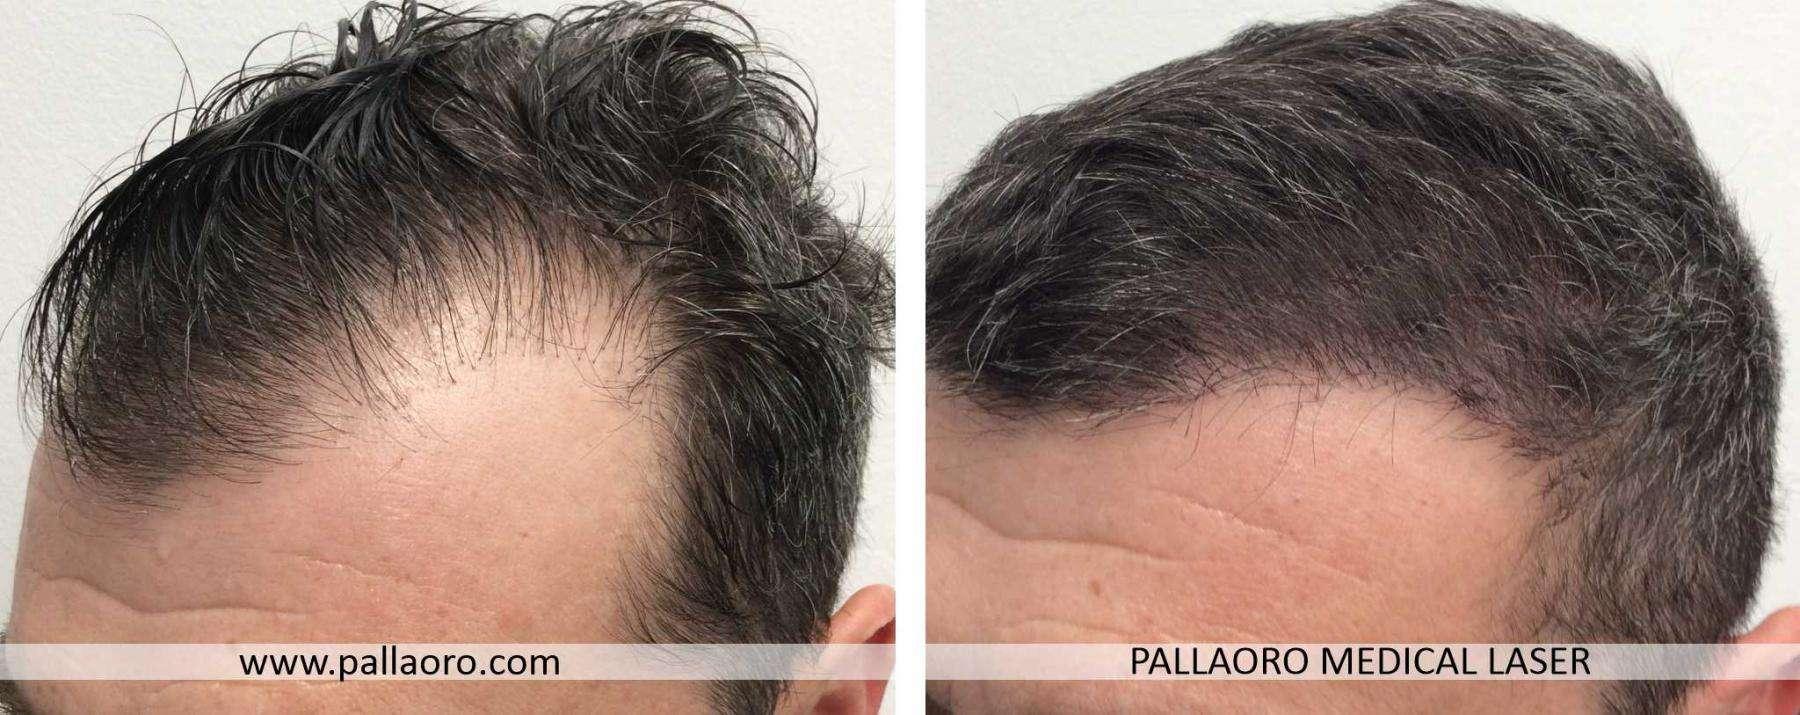 trapianto capelli 2021 04 b